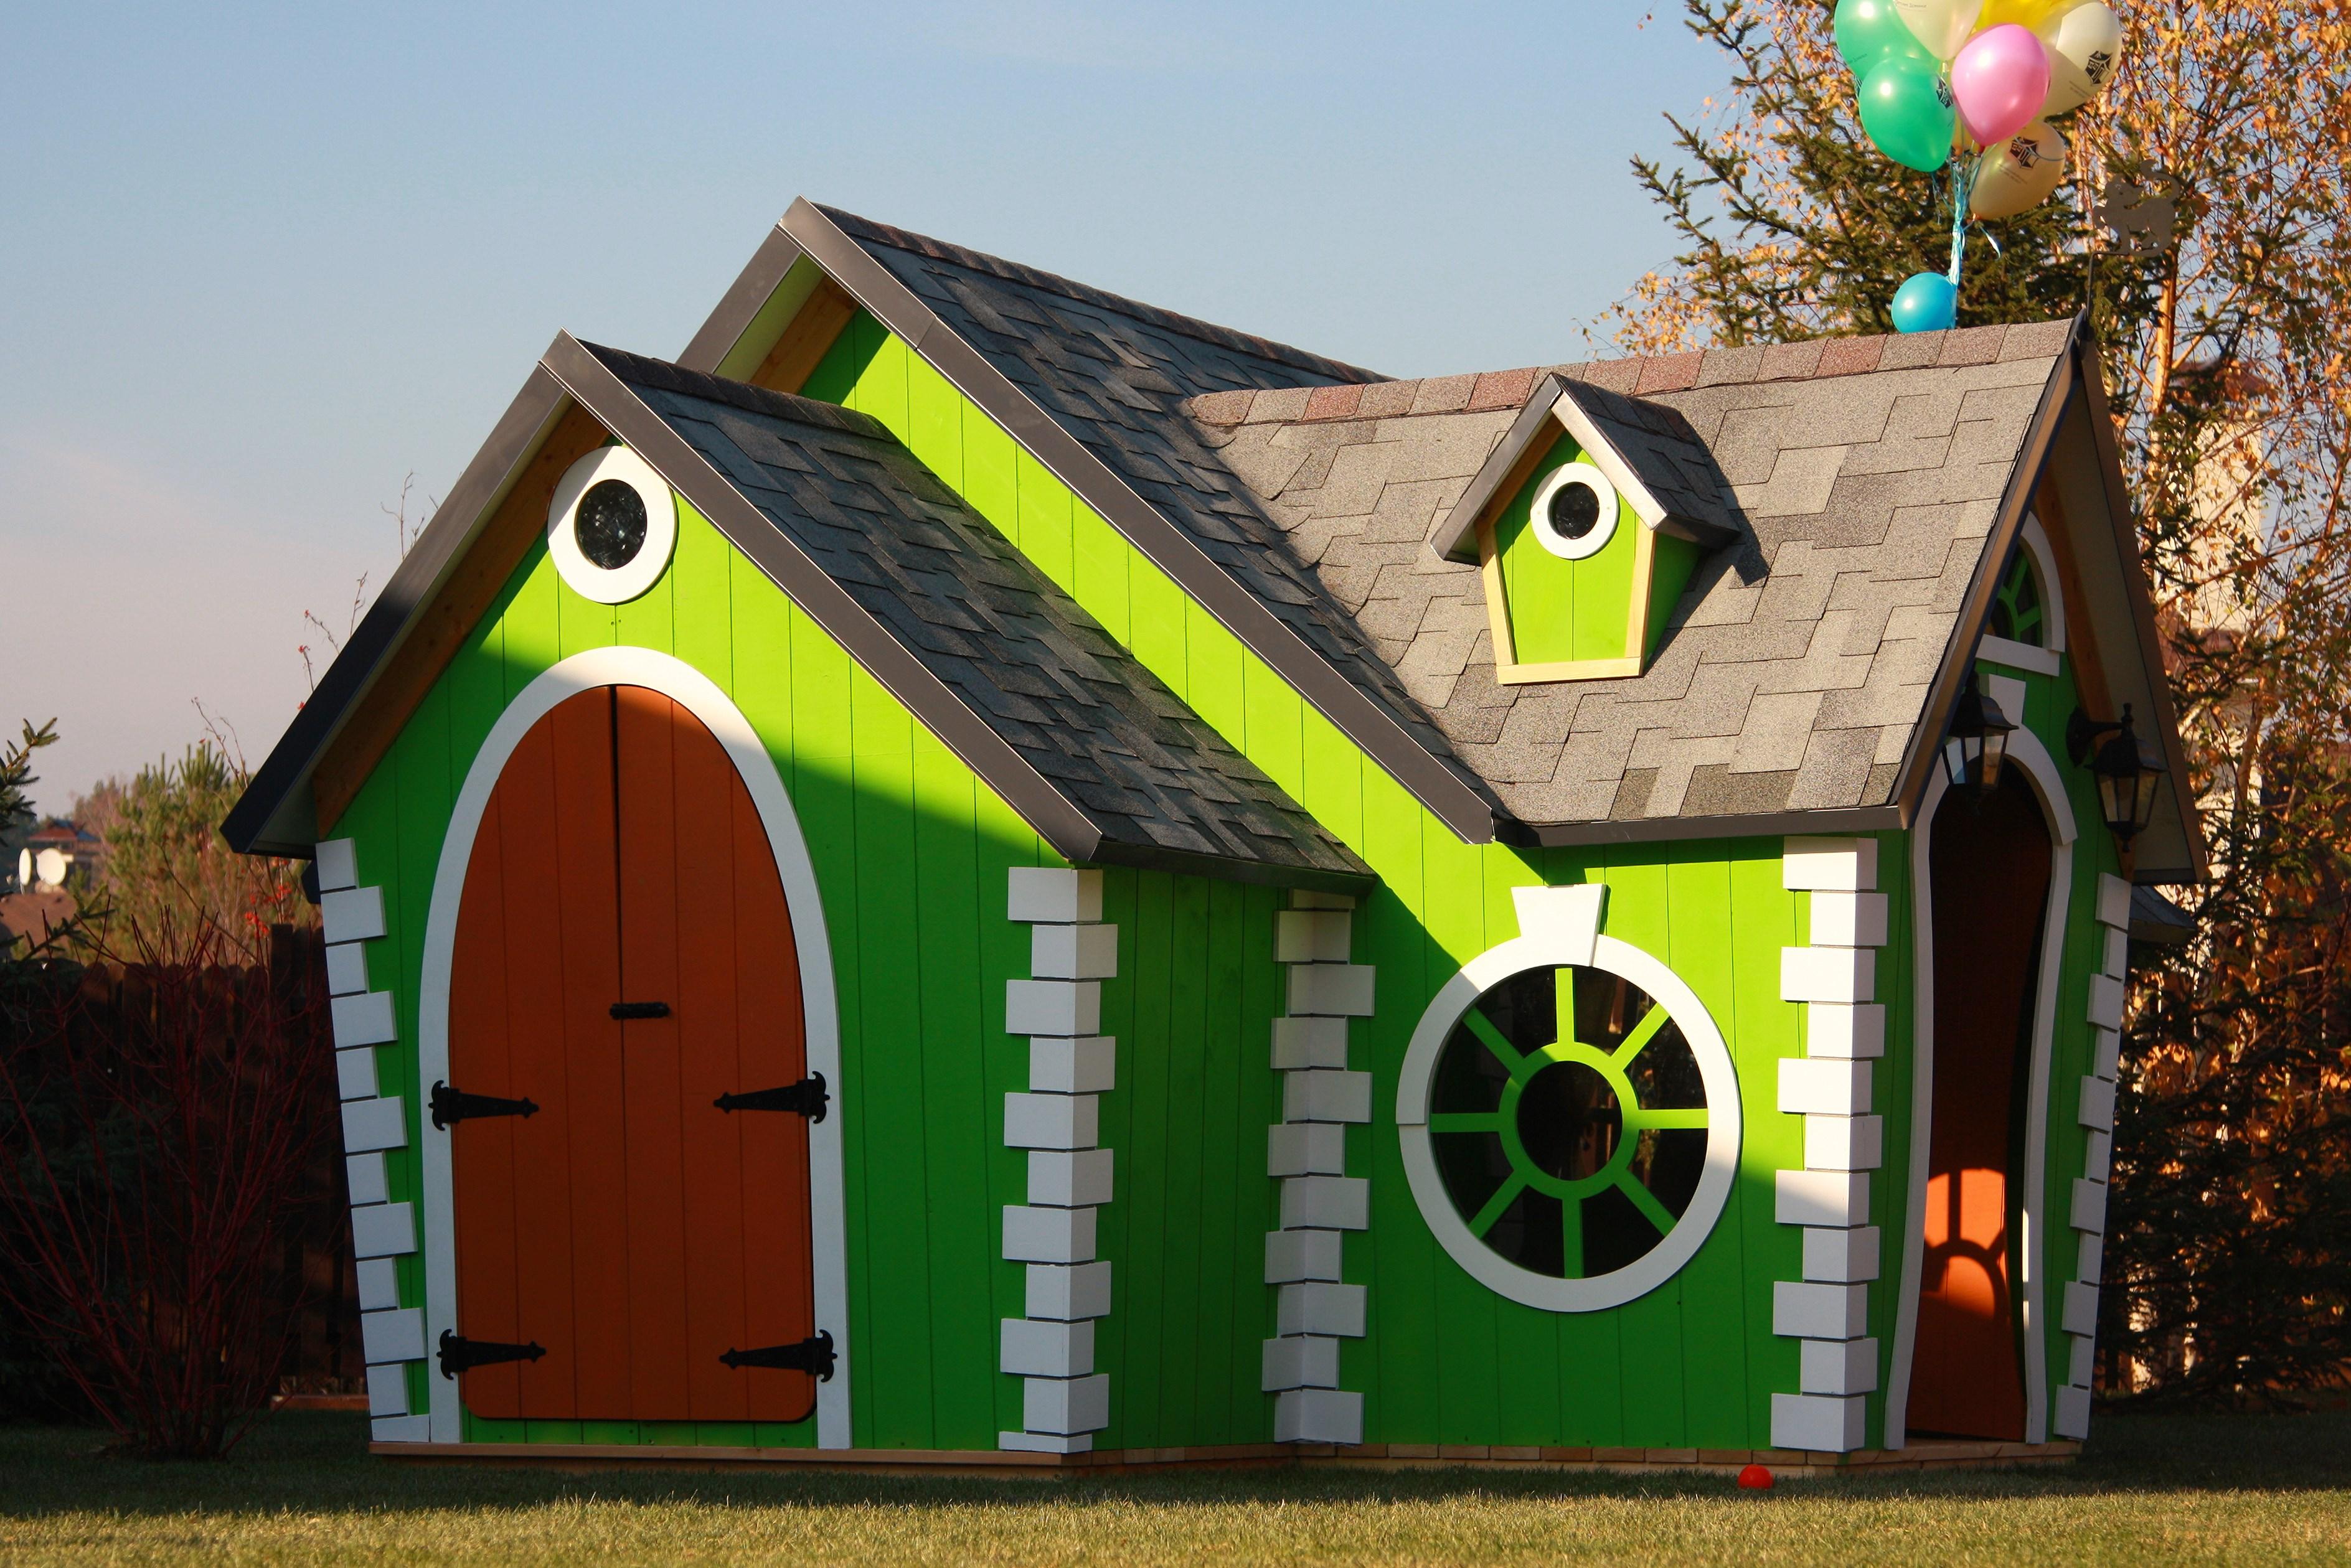 Домик Венди KidsCrookedHouseДеревянные площадки<br>Размер: 2500х5000<br><br>Материалы: Основание и крыша - лиственница<br>Полный размер: 2500х5000<br>Цвет: Киви (зеленый), Слива (фиолетовый), Мандарин (оранжевый), Яблоко (красный), Лимон (желтый), Принцесса (розовый), Камелот (серый), Сьерра (коричневый), Черника (синий)<br>Примечание: При оформлении заказа необходимо уточнить есть ли возможность для подъезда грузовика-манипулятора к месту установки<br>Изготовление и доставка: От 15 дней<br>Условия доставки: Бесплатная по Москве до подъезда<br>Условие оплаты: Оплата наличными при получении товара<br>Доставка по МО (за пределами МКАД): 50 руб./км<br>Производитель: KidsCrookedHouse